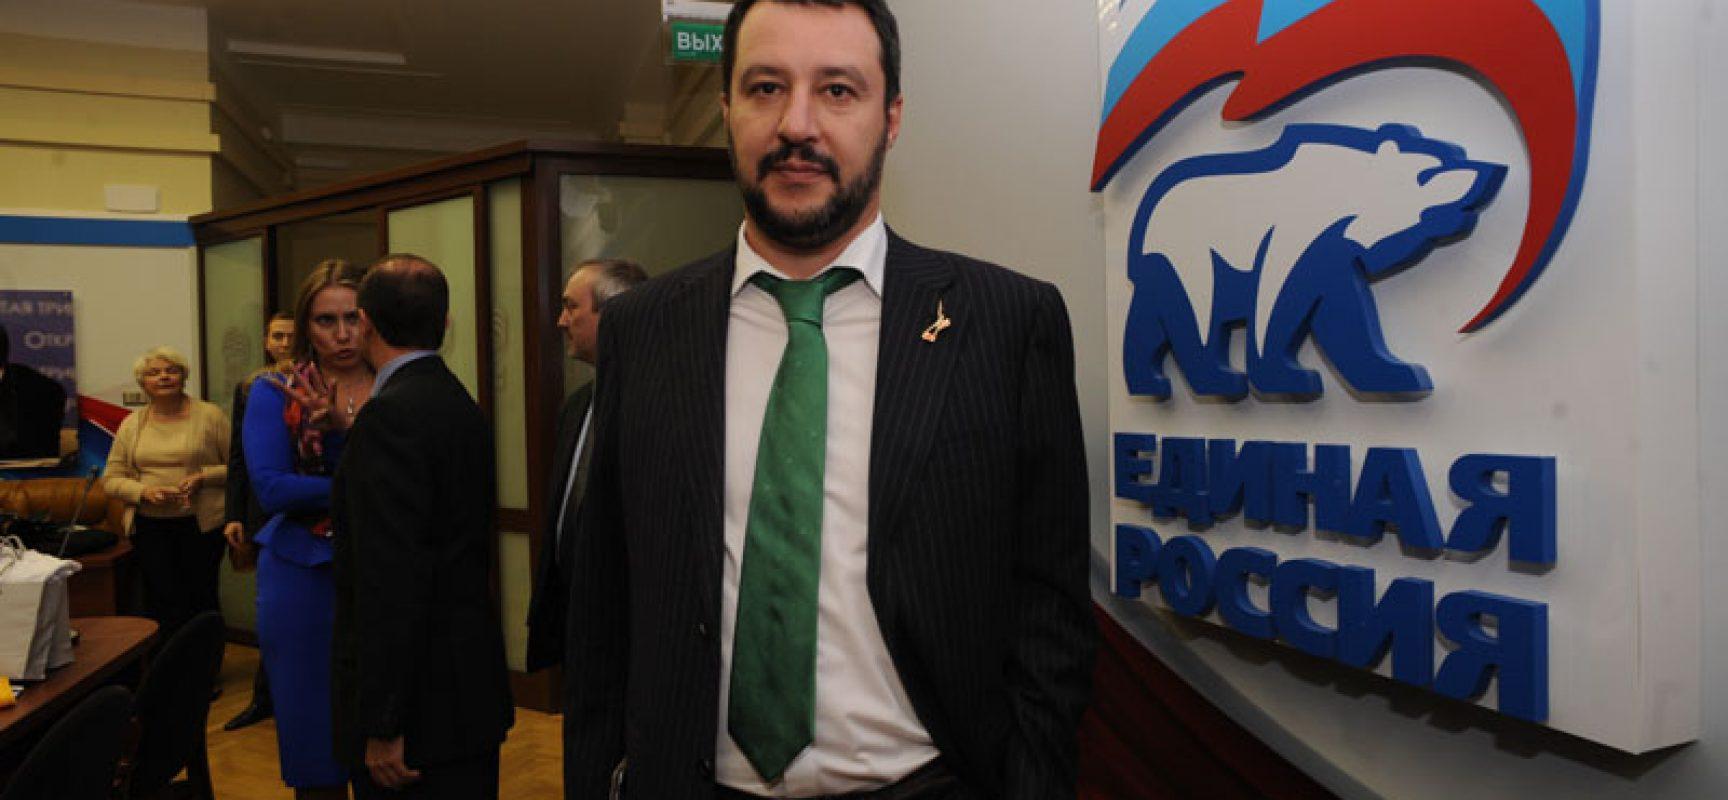 Le bufale di Salvini sulle sanzioni alla Russia